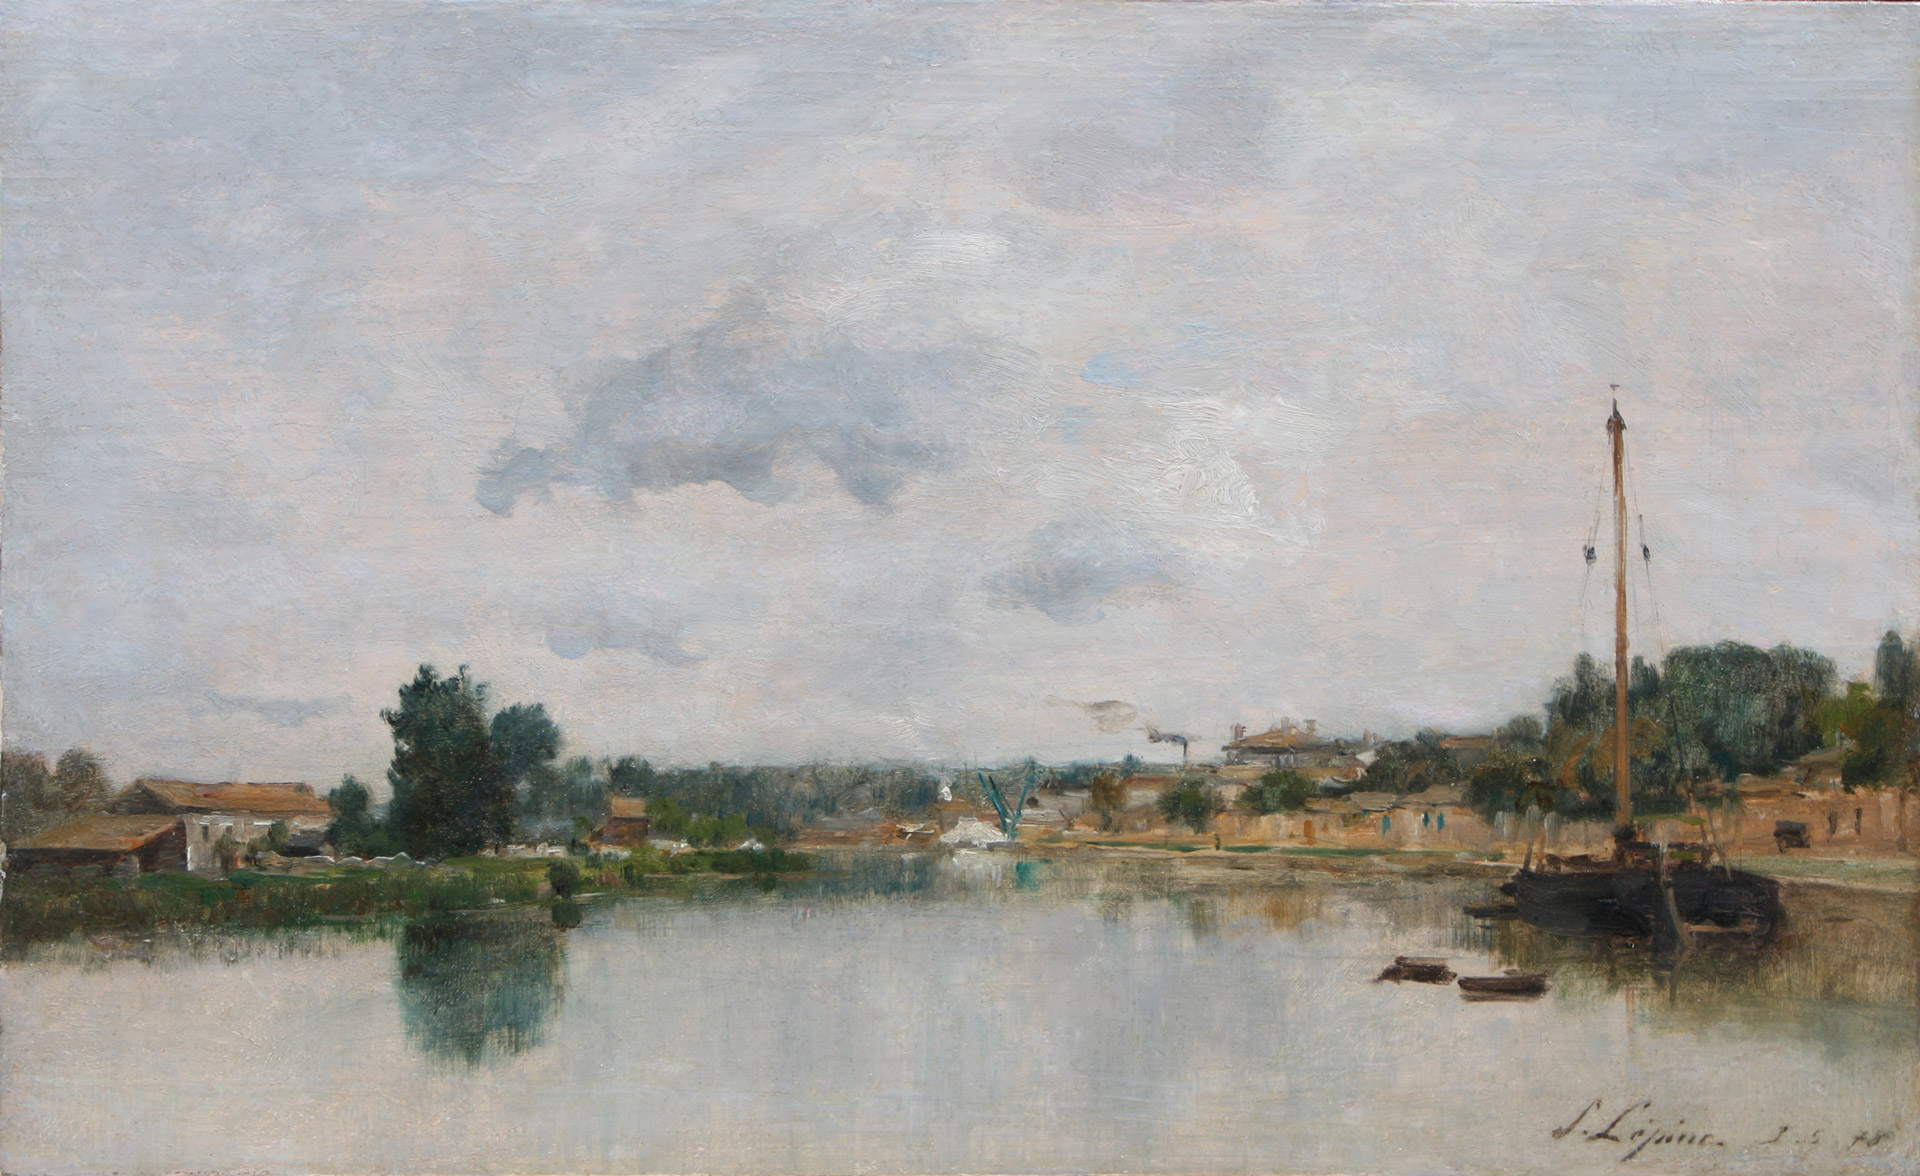 Musée d'art et d'histoire de Meudon, tableau de Lépine